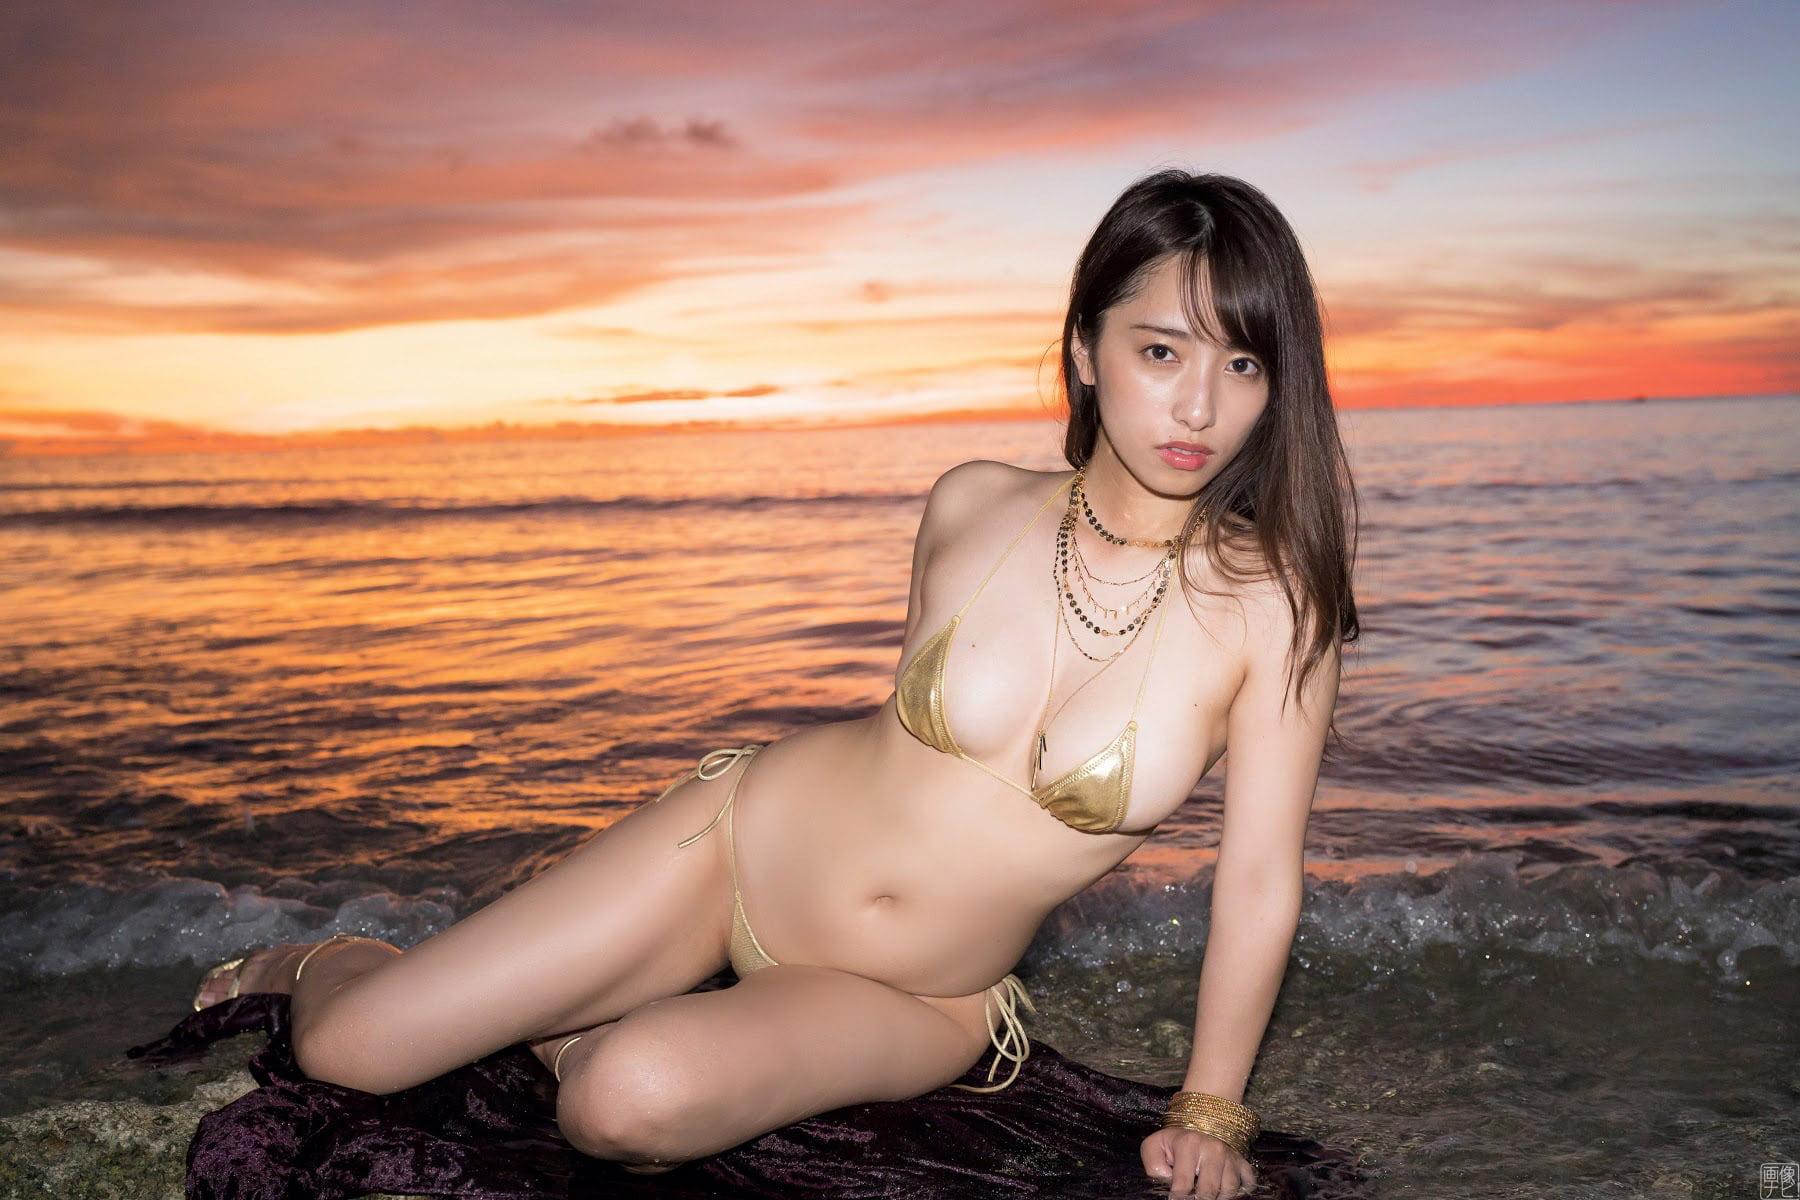 グラビアアイドル写真集 セクシーさが加速して興奮度も最高潮の高梨瑞樹グラドル画像まとめ4 100枚